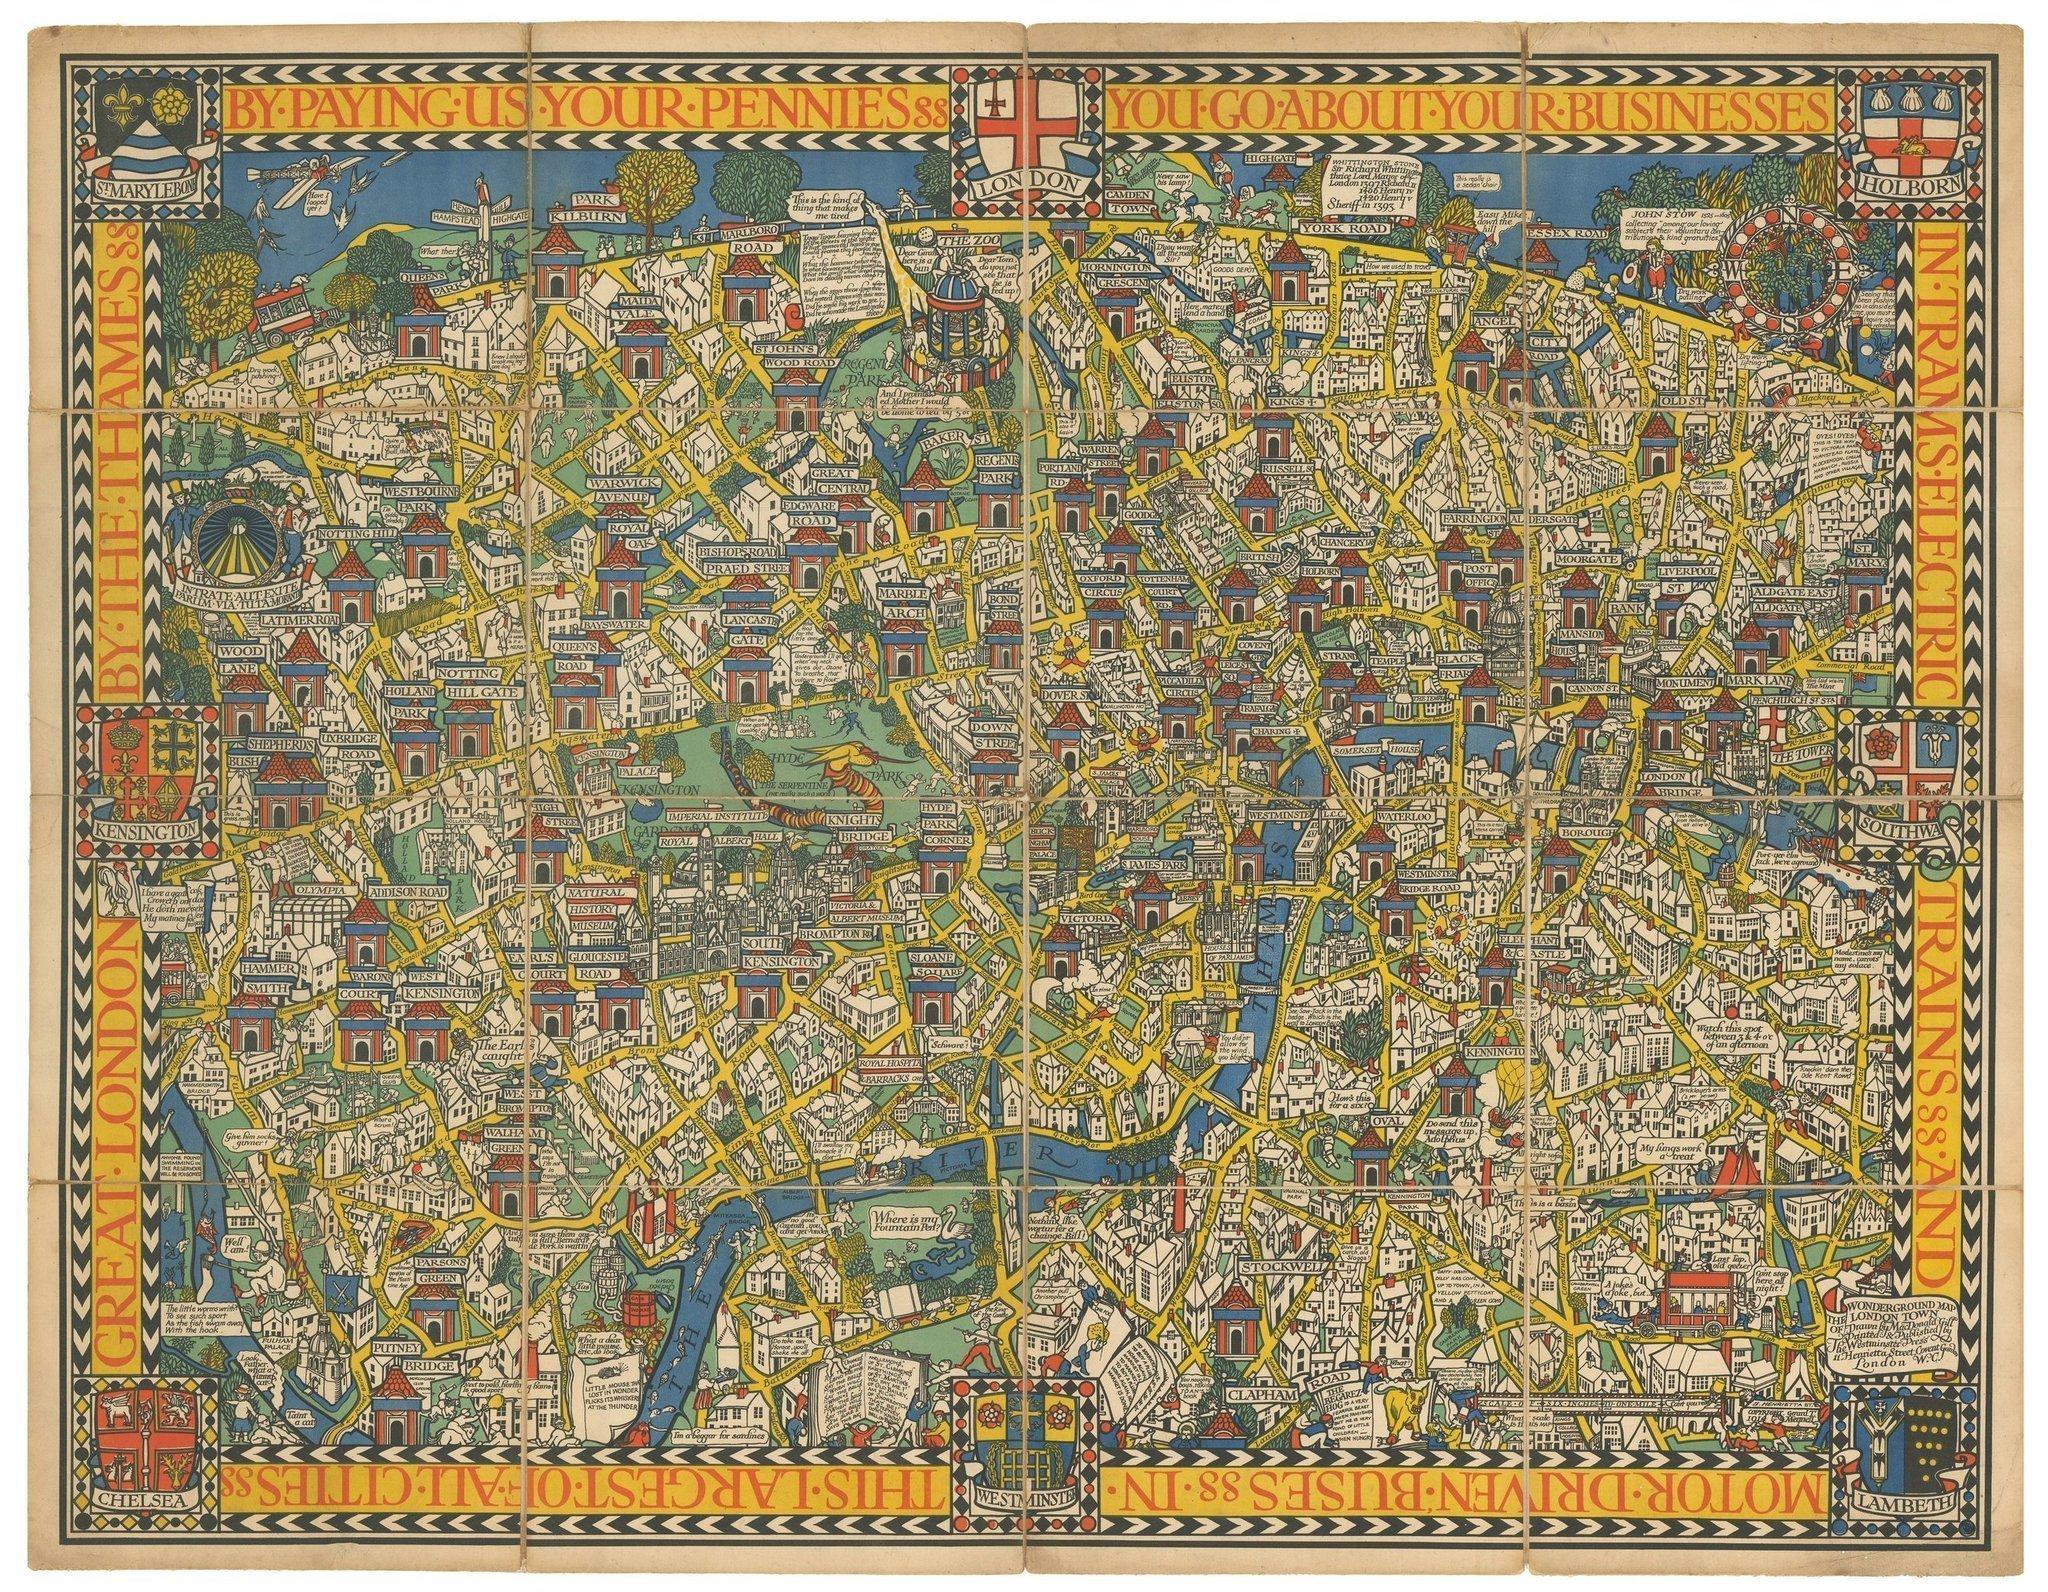 'Art meets Maps' at La Jolla Map Museum's new exhibit